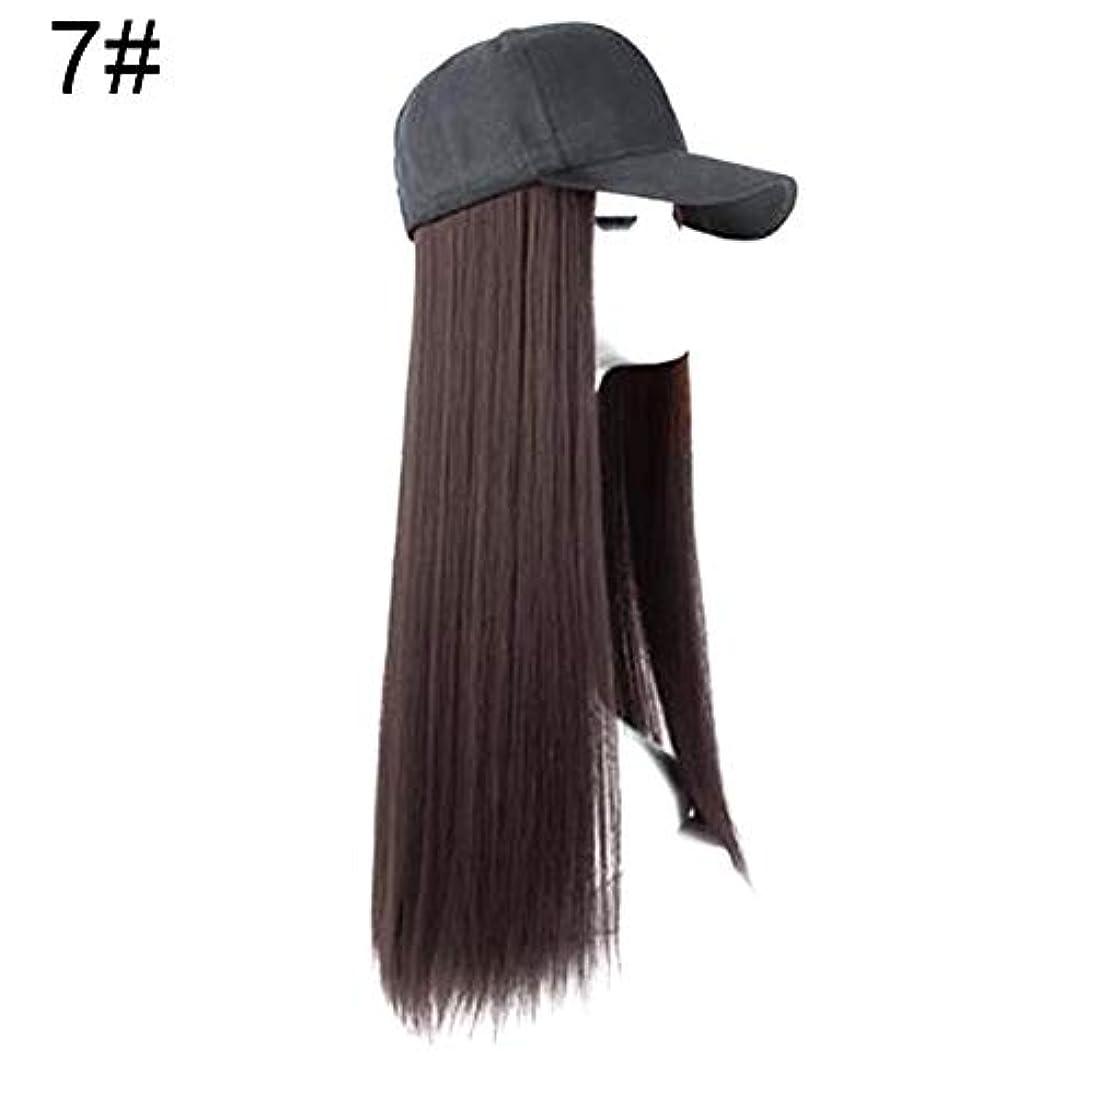 混乱させる肉腫自分の力ですべてをするslQinjiansav女性ウィッグ修理ツールクリエイティブ女性2で1長いストレートカーリーヘアウィッグヘアピースと野球帽